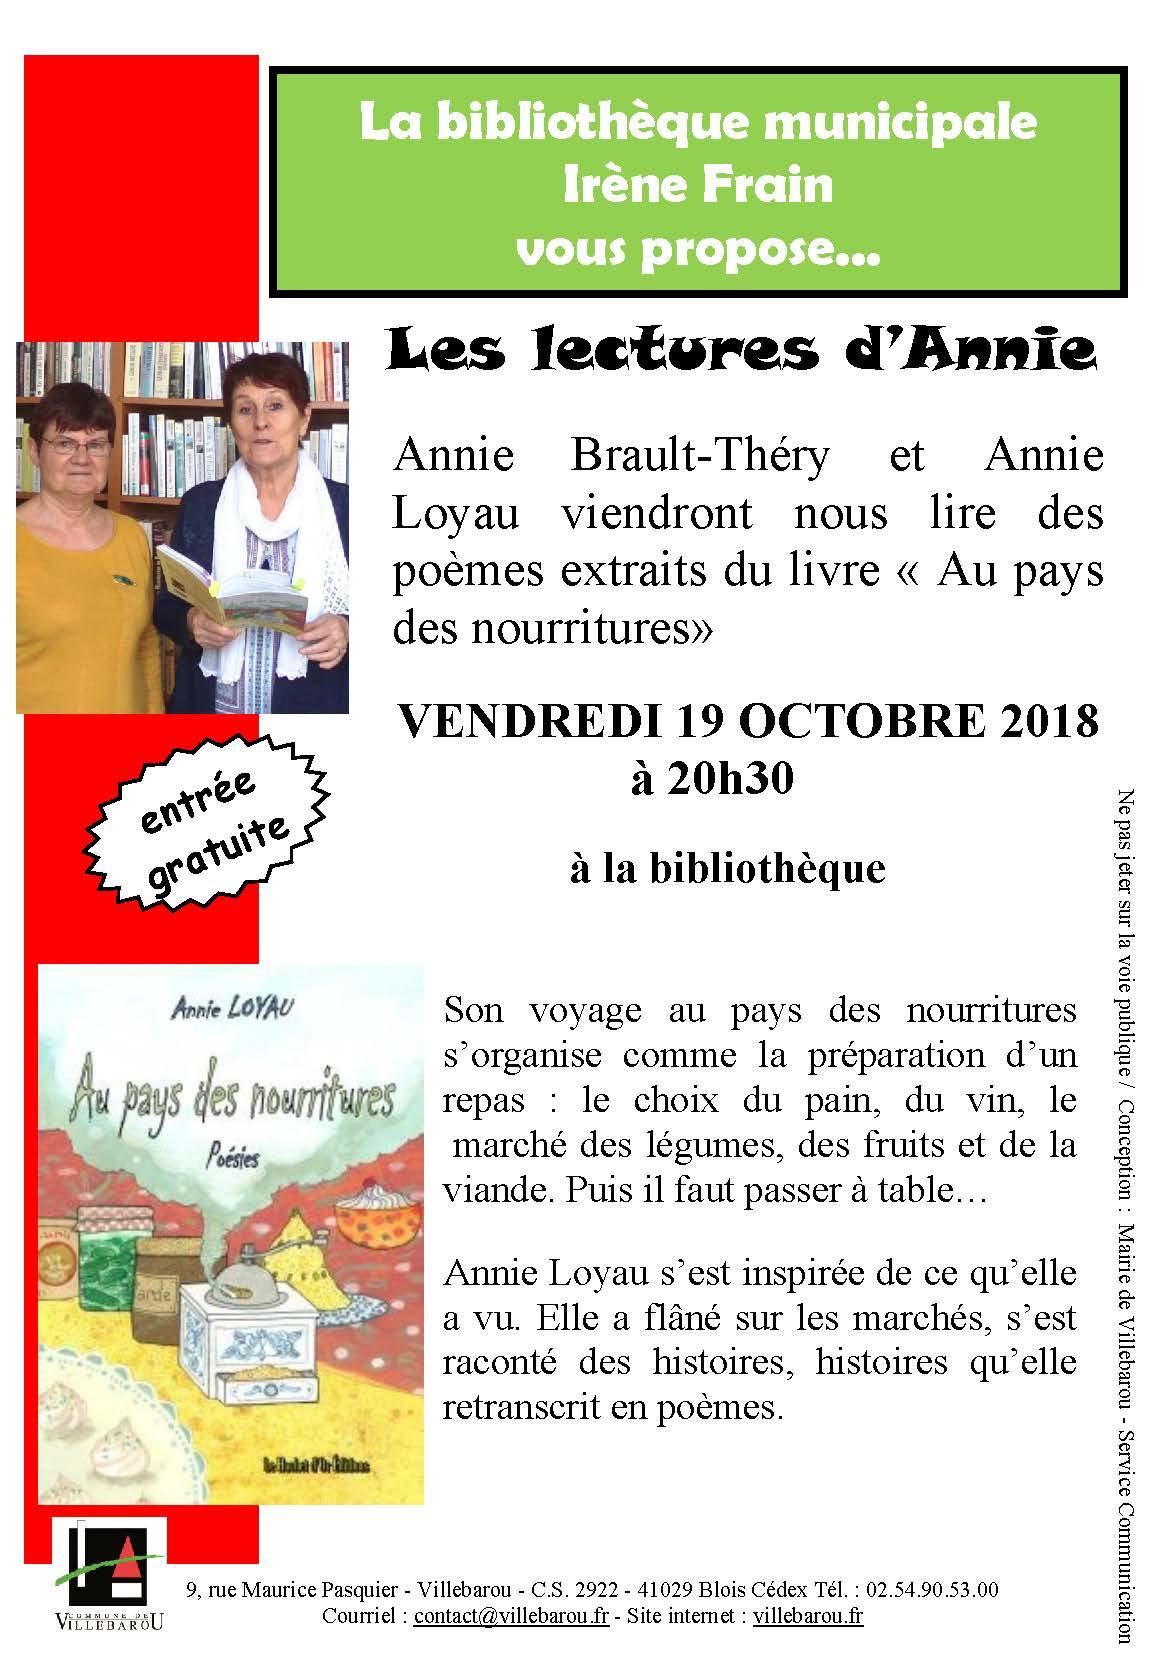 Les lectures d'Annie